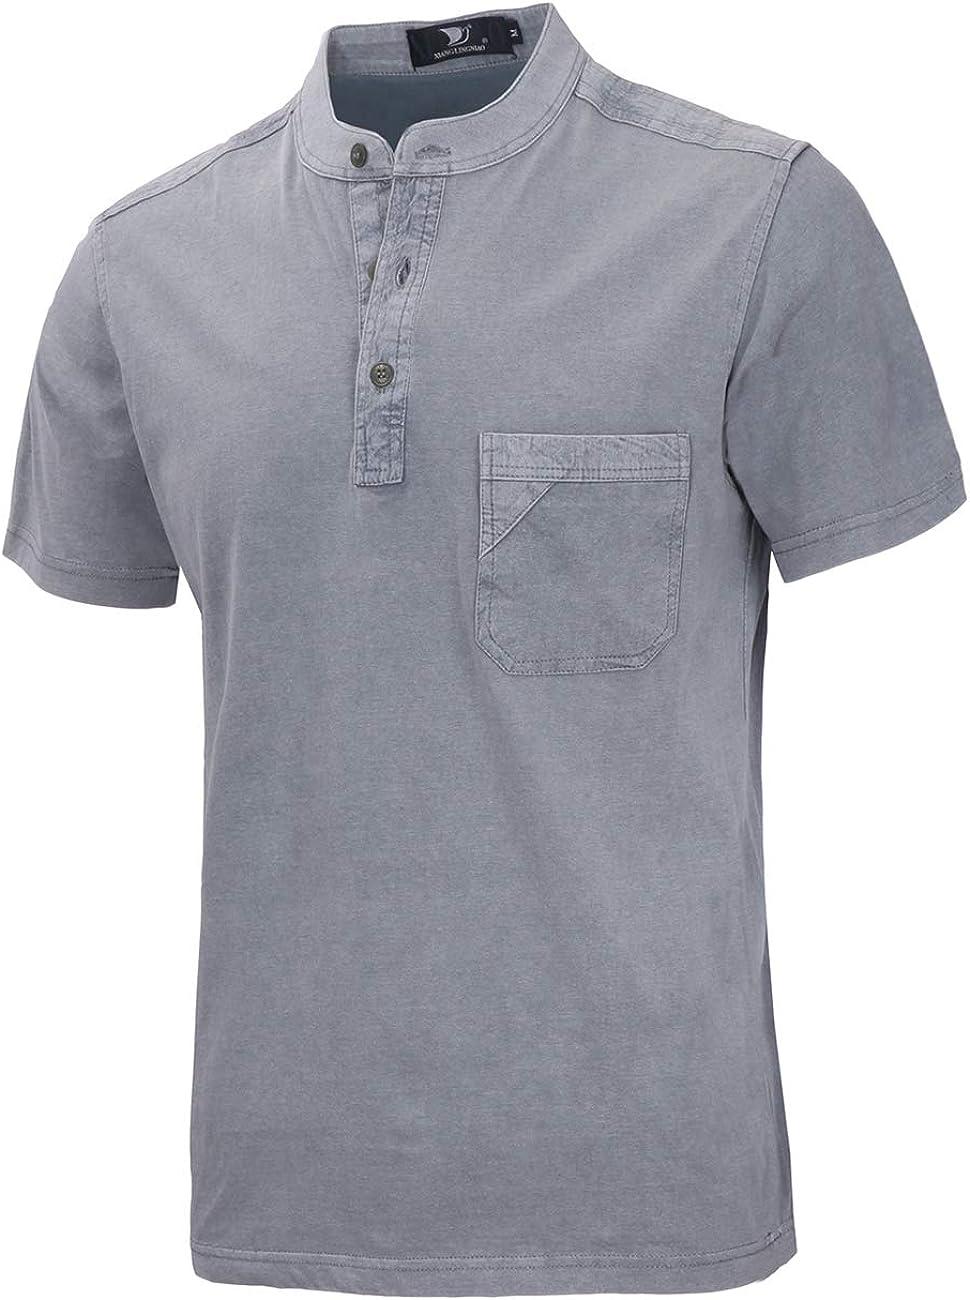 Yingqible Henleys Camiseta de manga corta para hombre con botones y cuello en forma de Y estilo casual